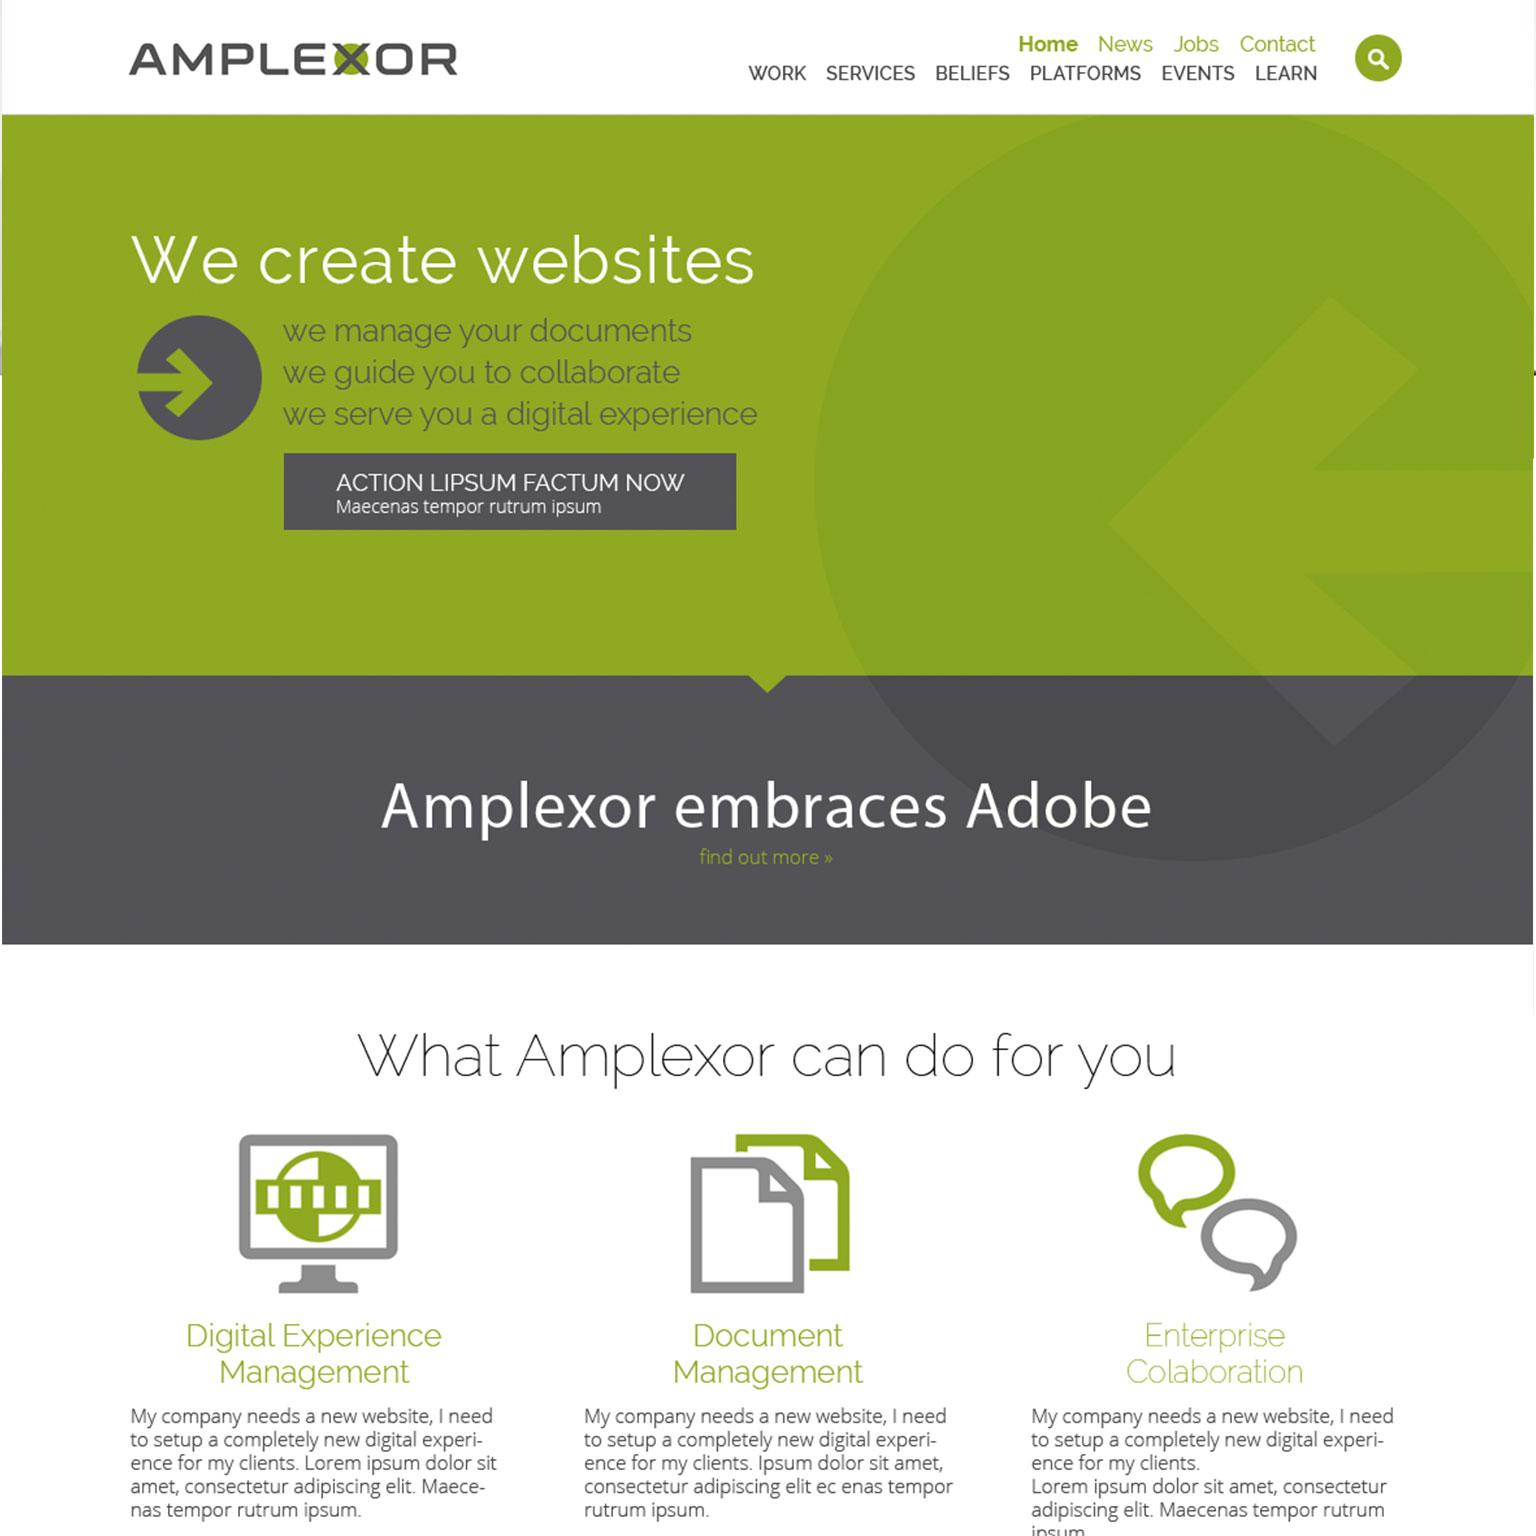 1536x1536-case-study-amplexor-site-page-3